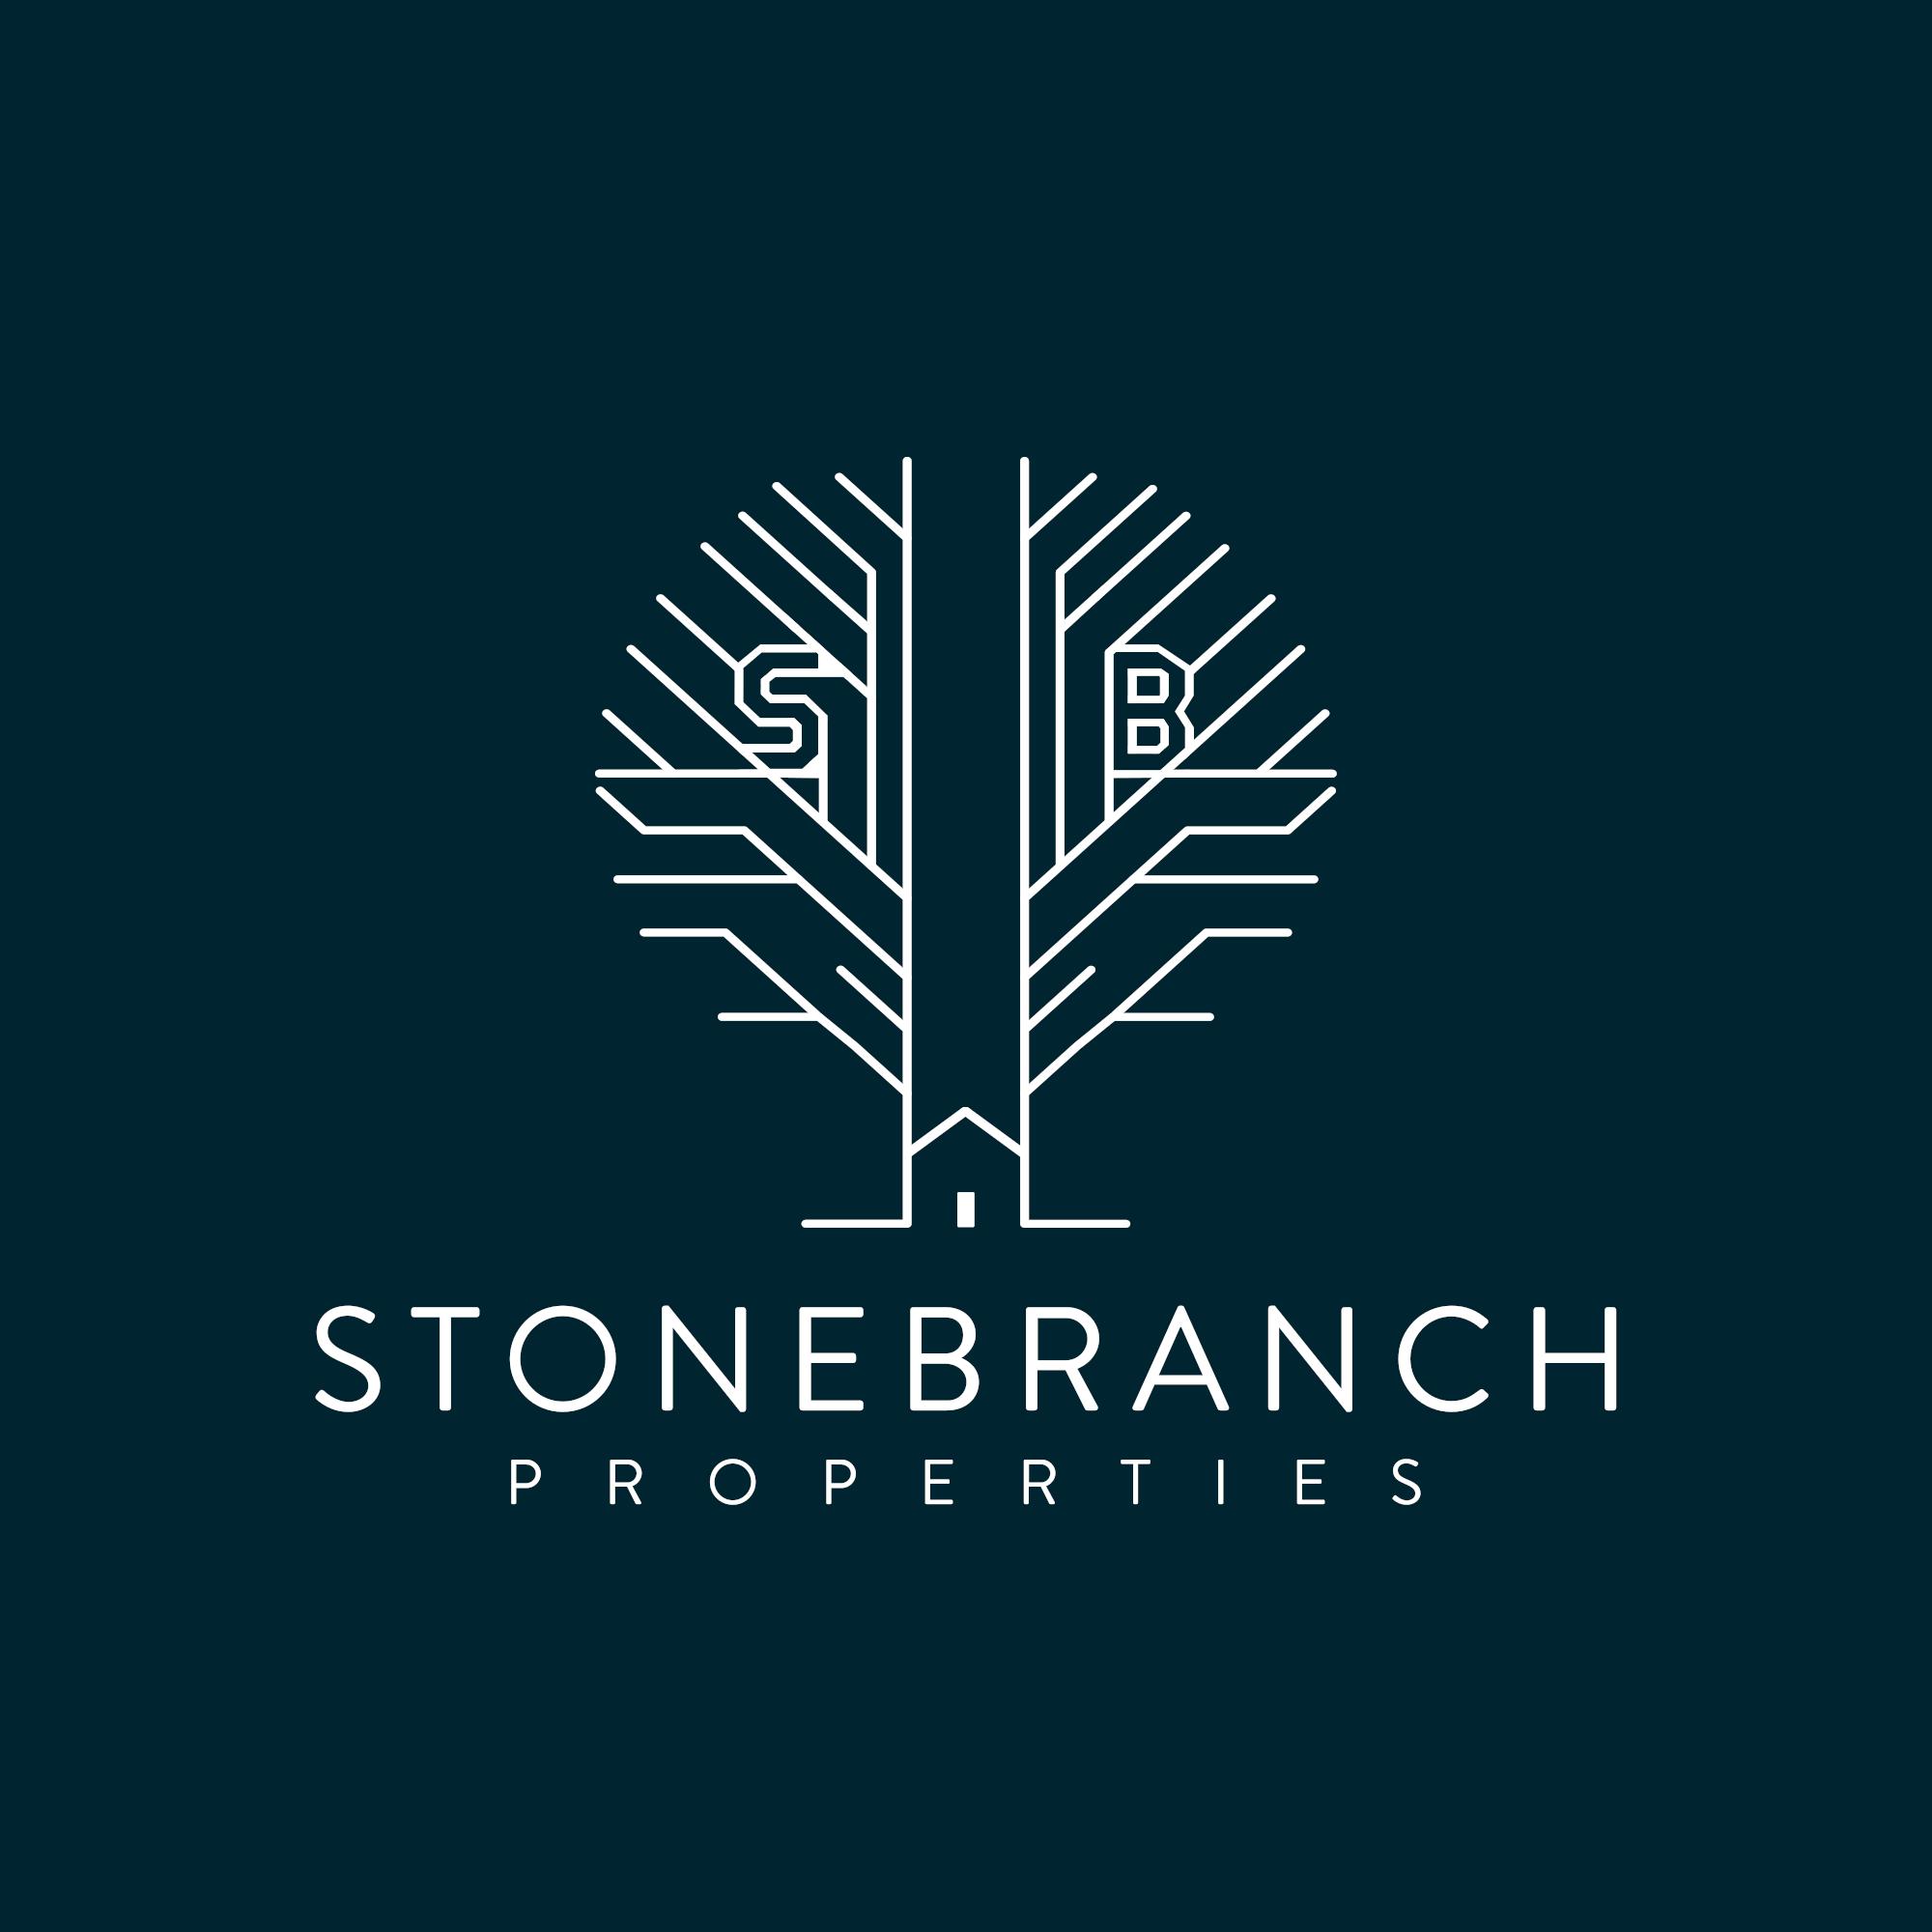 Stonebranch Properties